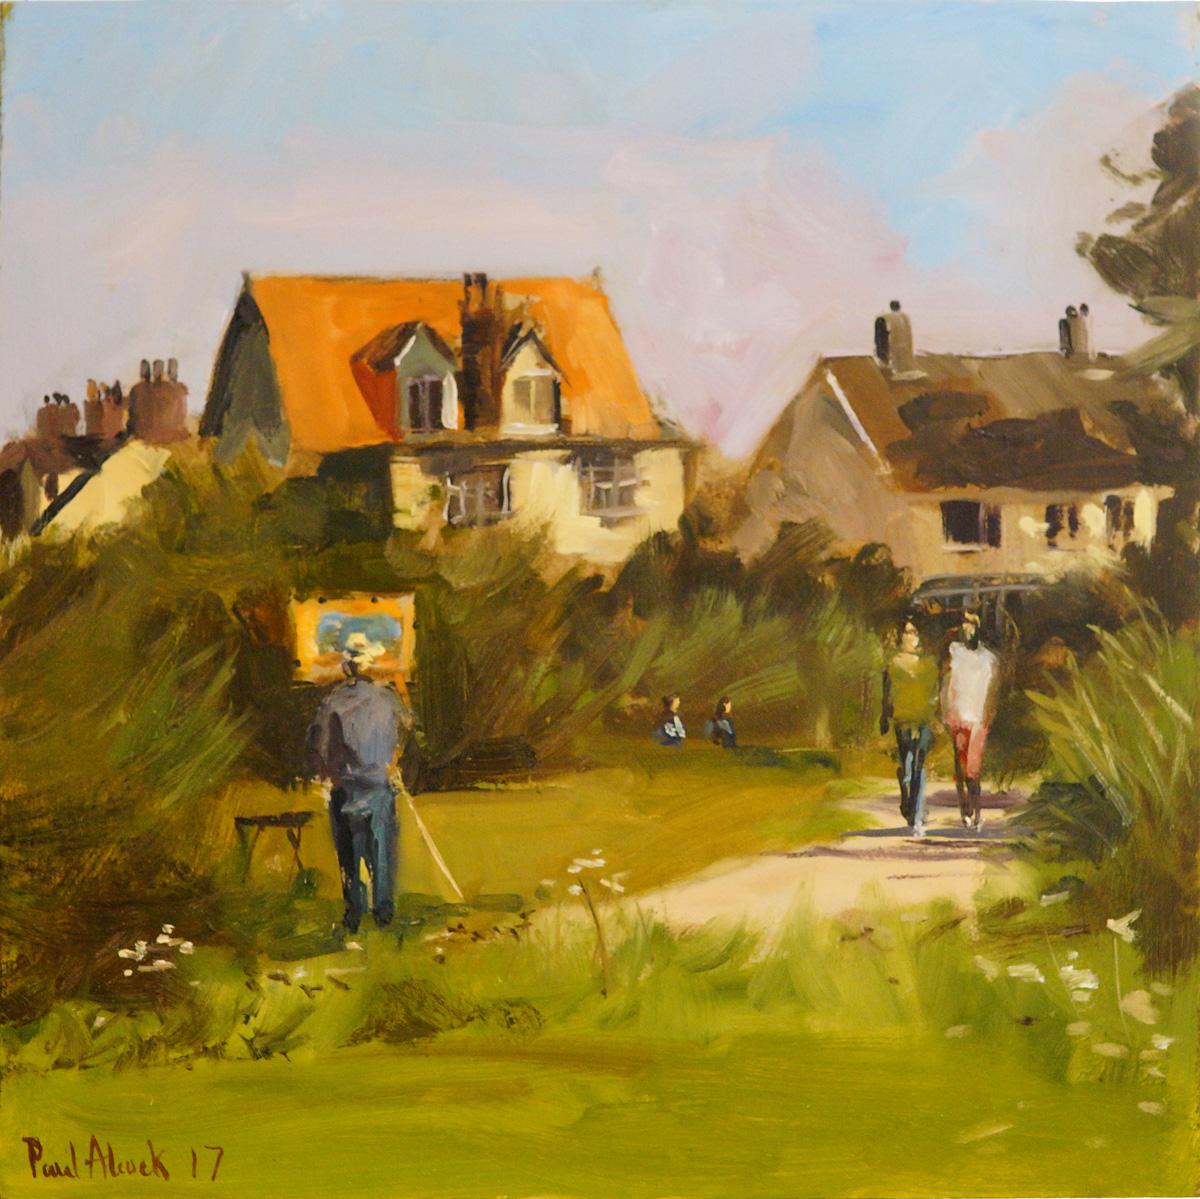 DSC00056 Artist Paul Alcock, 'Looking Back', Mousehold Heath, Oil, 12x12in, £225. Photo © Katy Jon Went